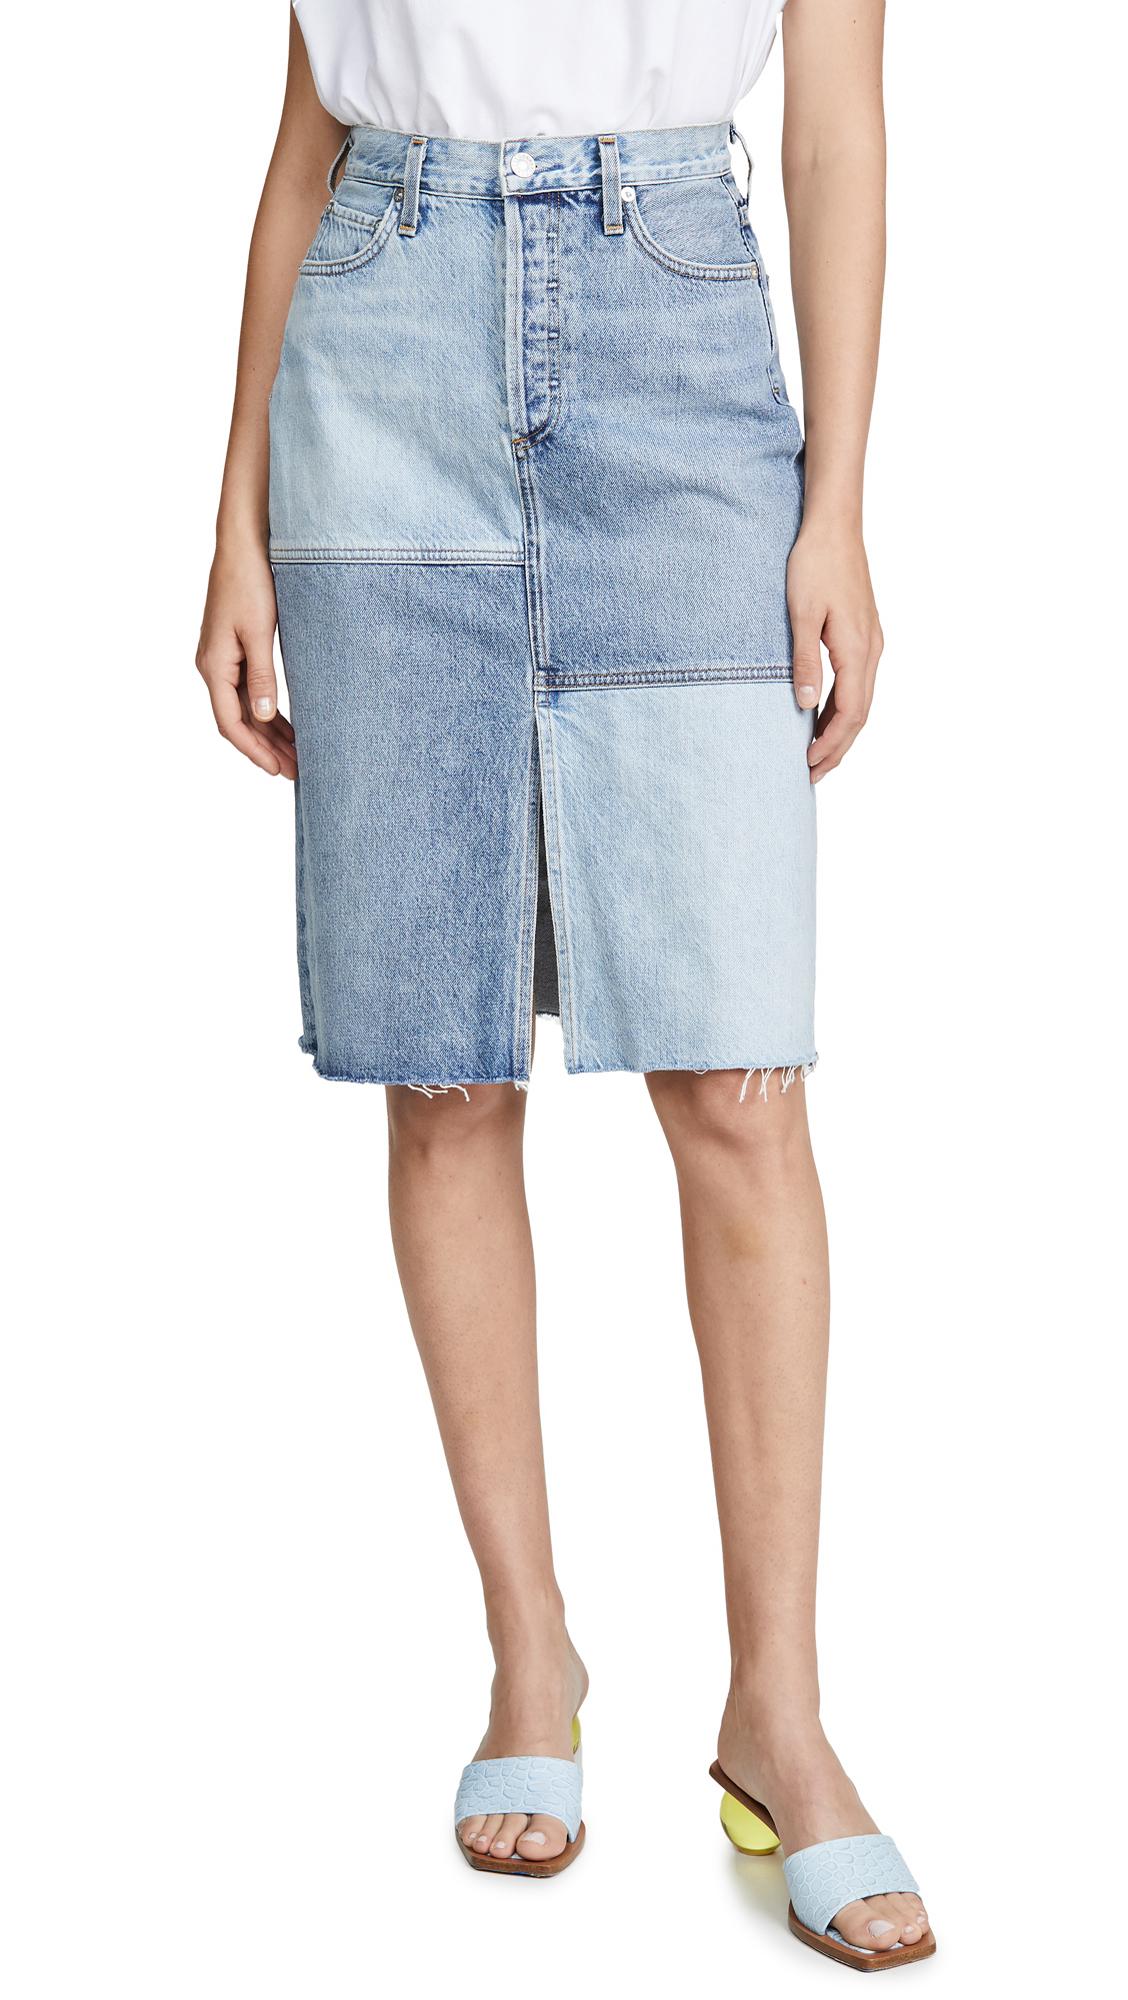 AGOLDE Issa High Rise Long Slit Skirt - Hazard